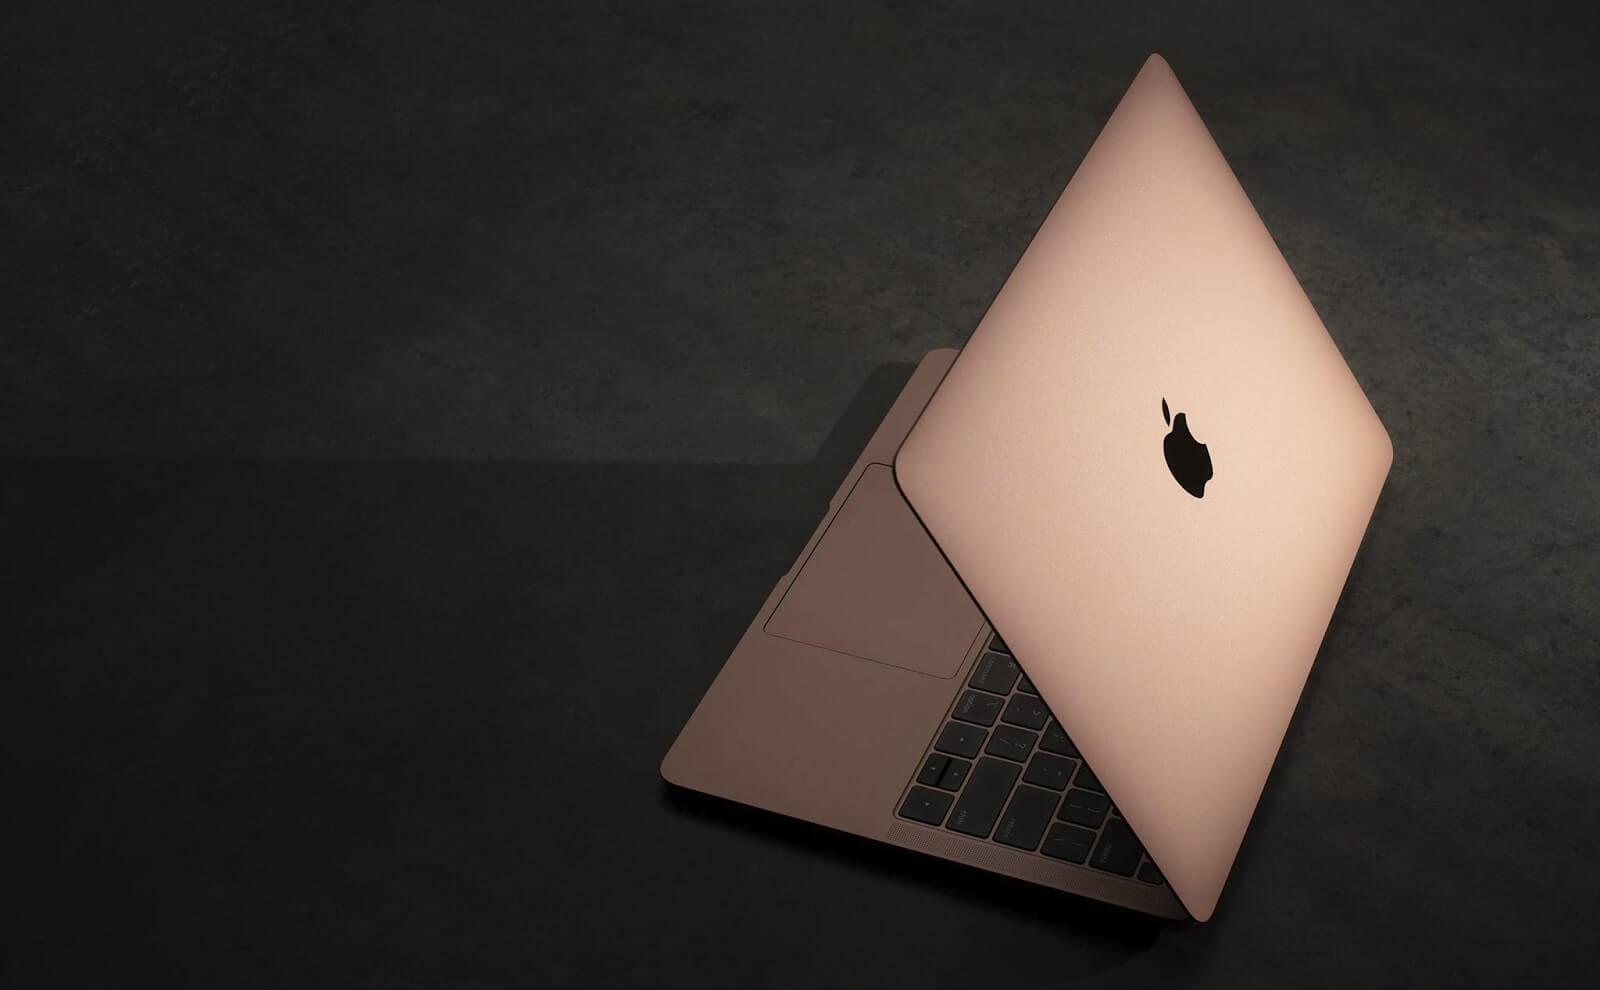 macbook giá rẻ cho sinh viên